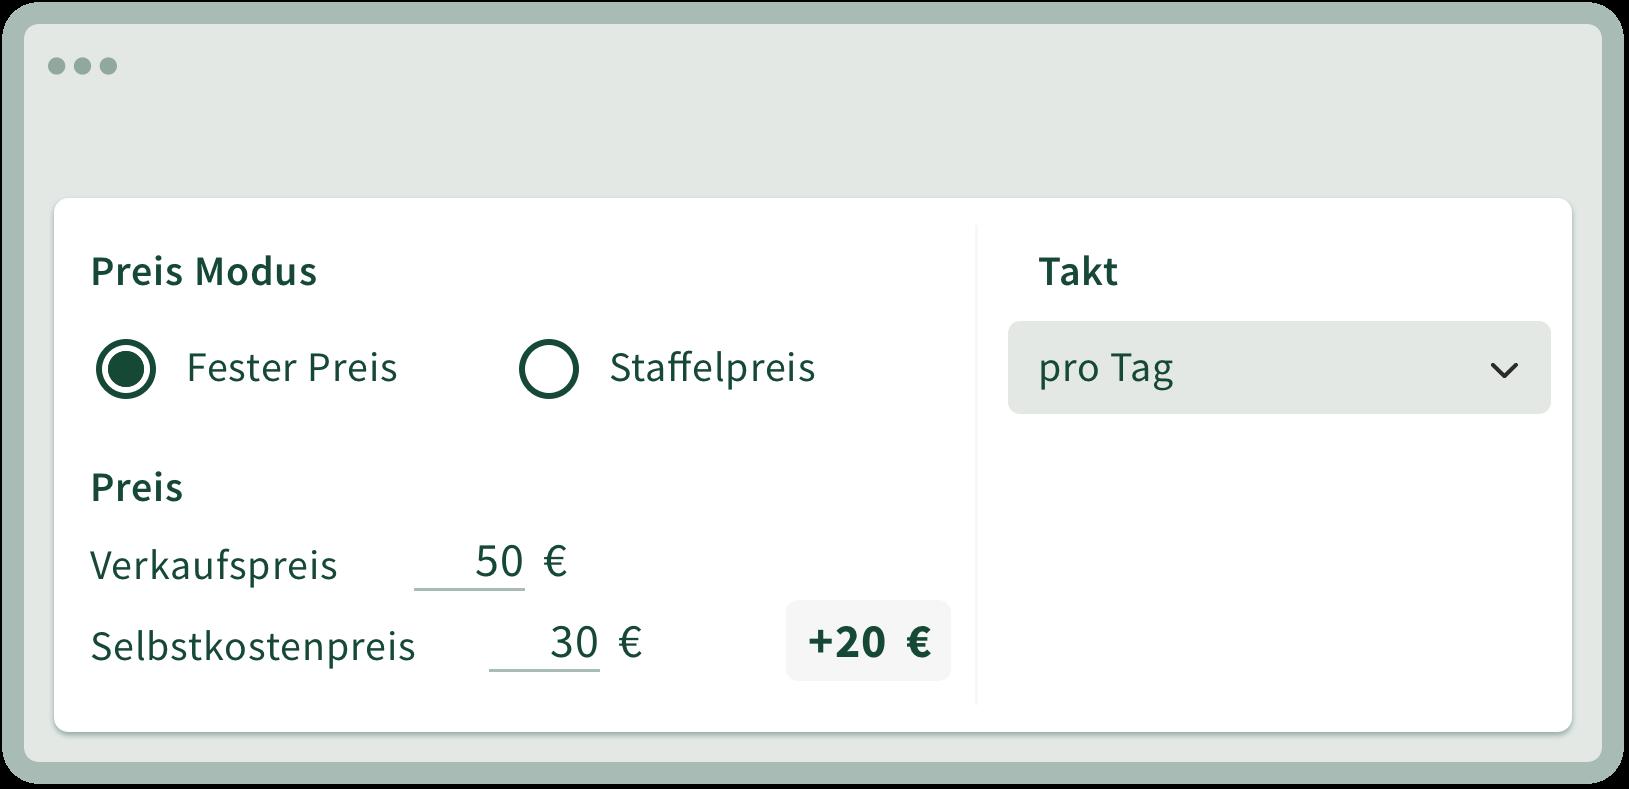 Symbolbild zur Darstellung von Preisangaben.